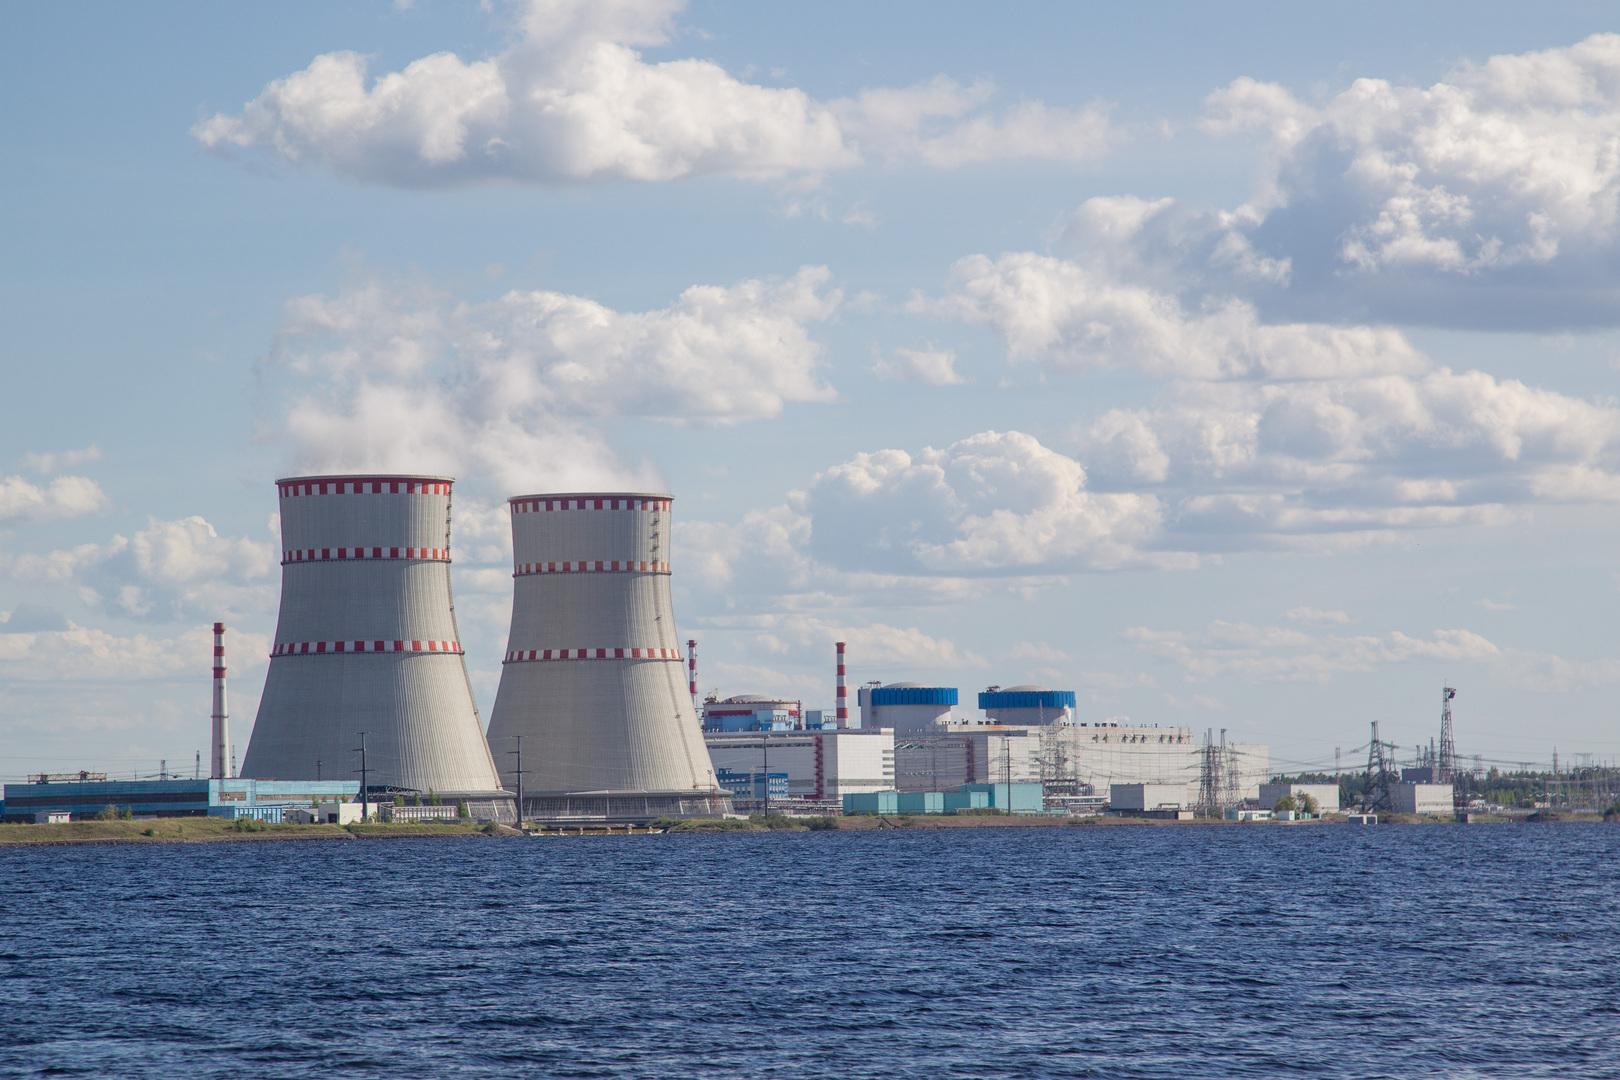 صور تكشف تطورات إنشاء محطة الضبعة النووية في مصر